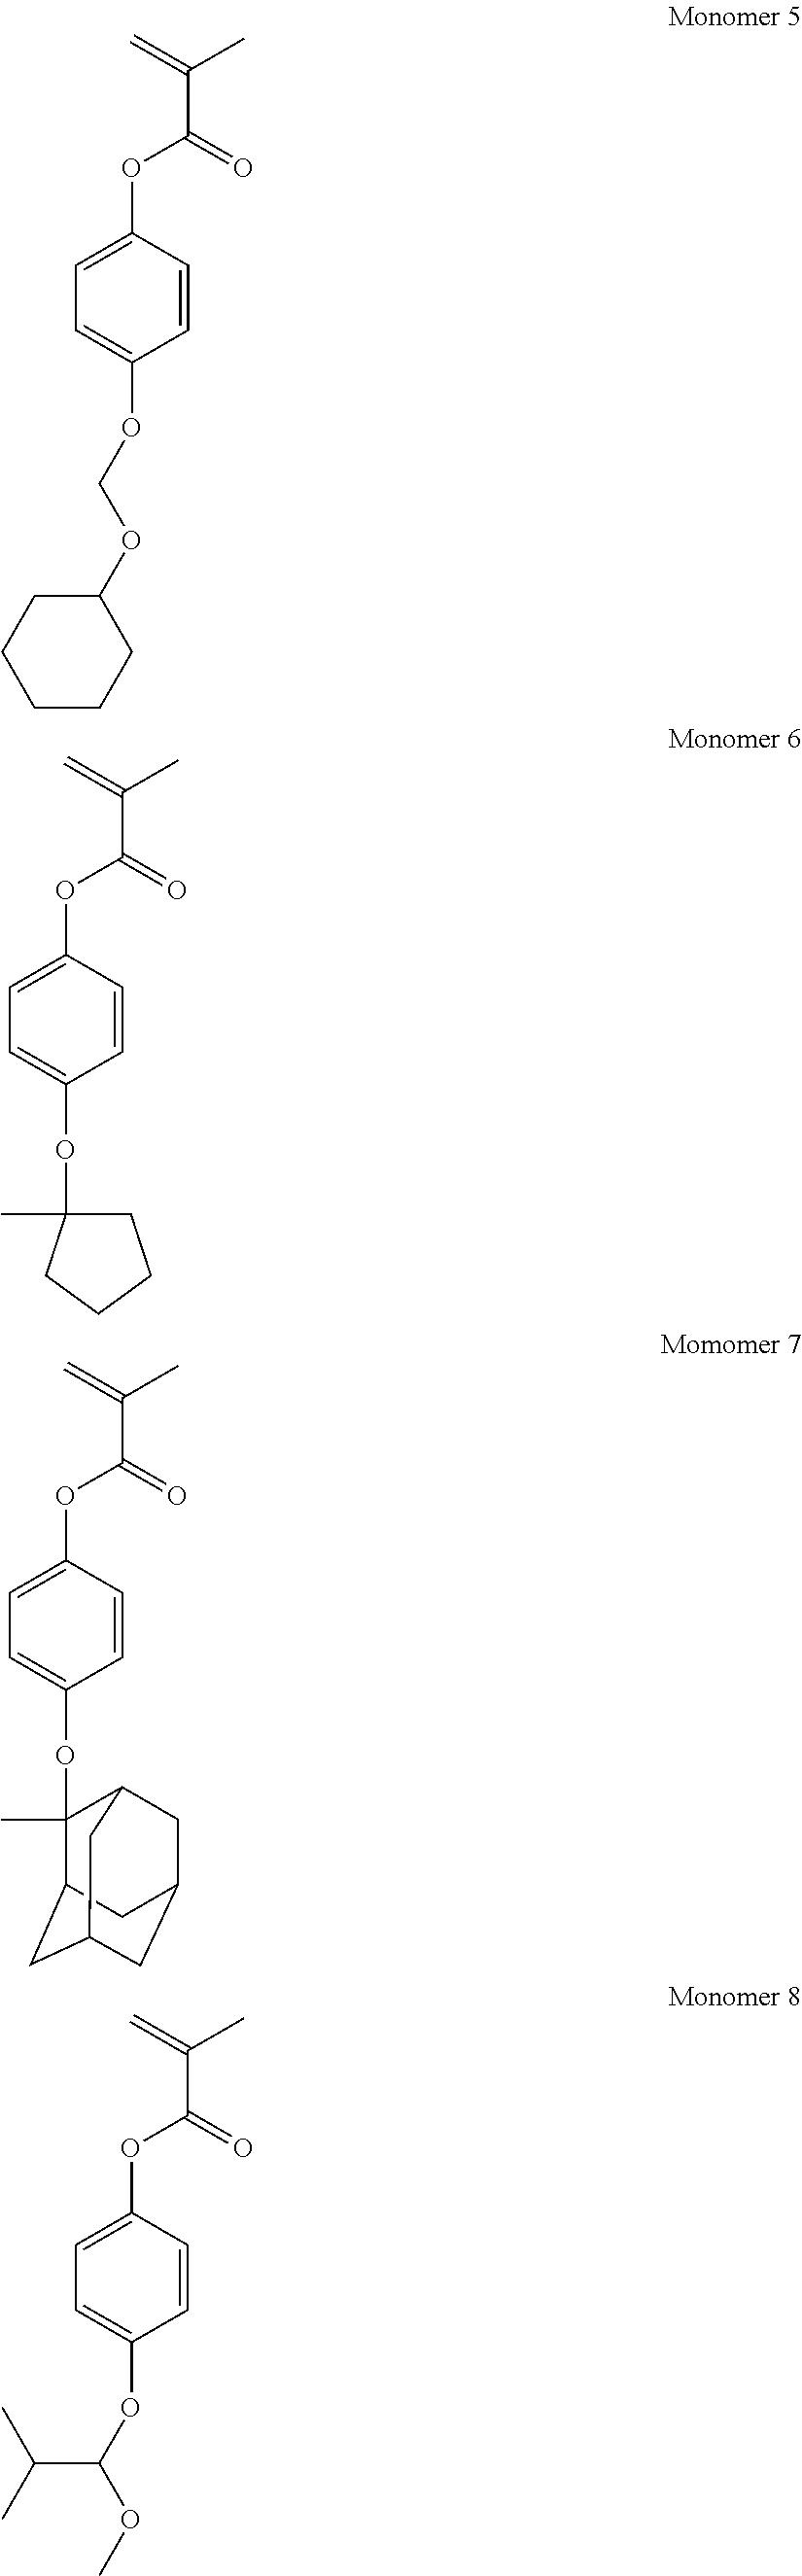 Figure US20110294070A1-20111201-C00067